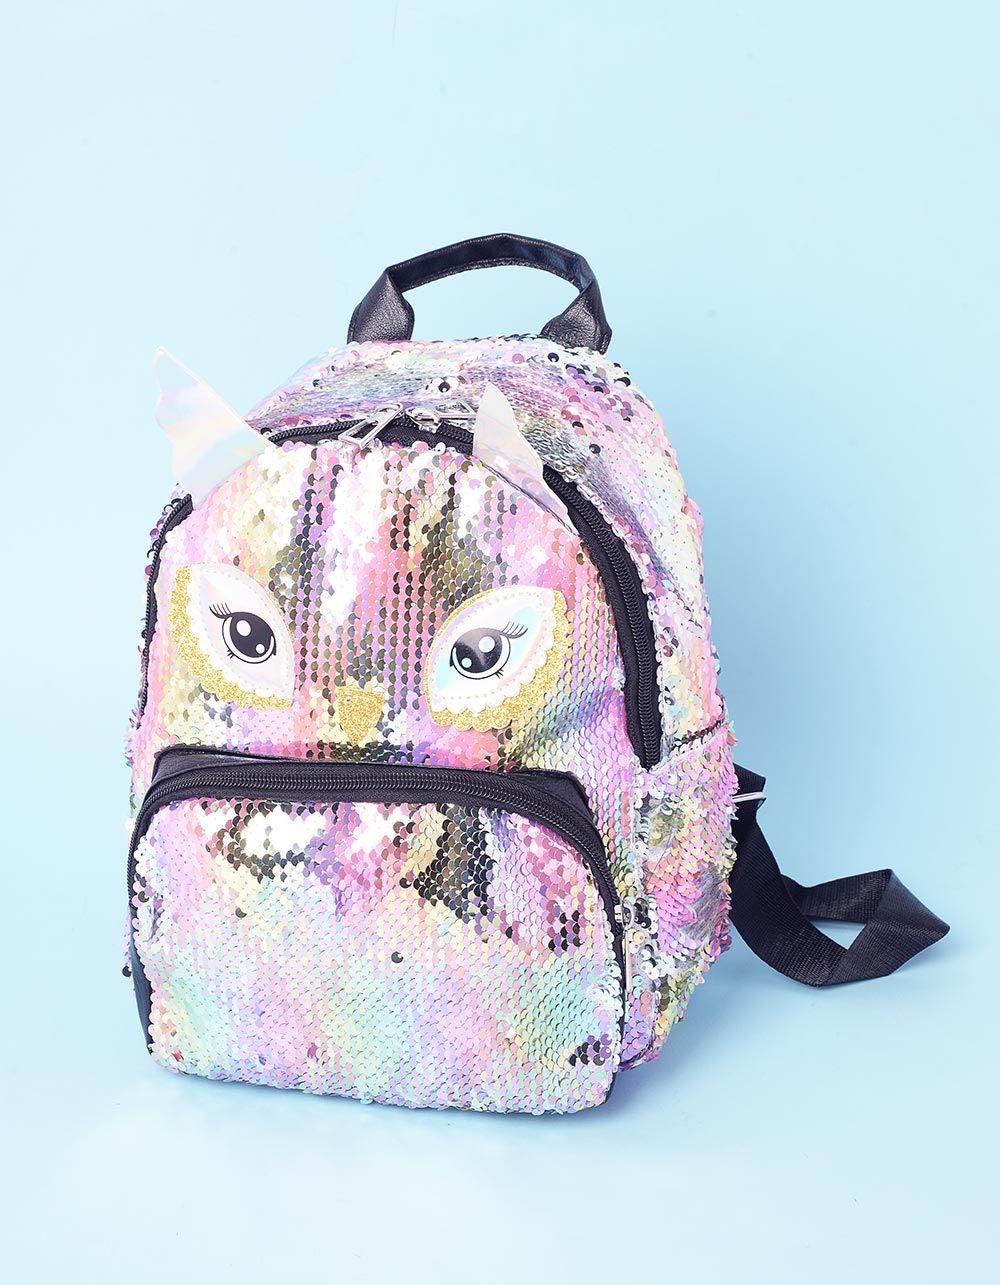 Рюкзак з кольорових паєток у вигляді сови   237321-21-XX